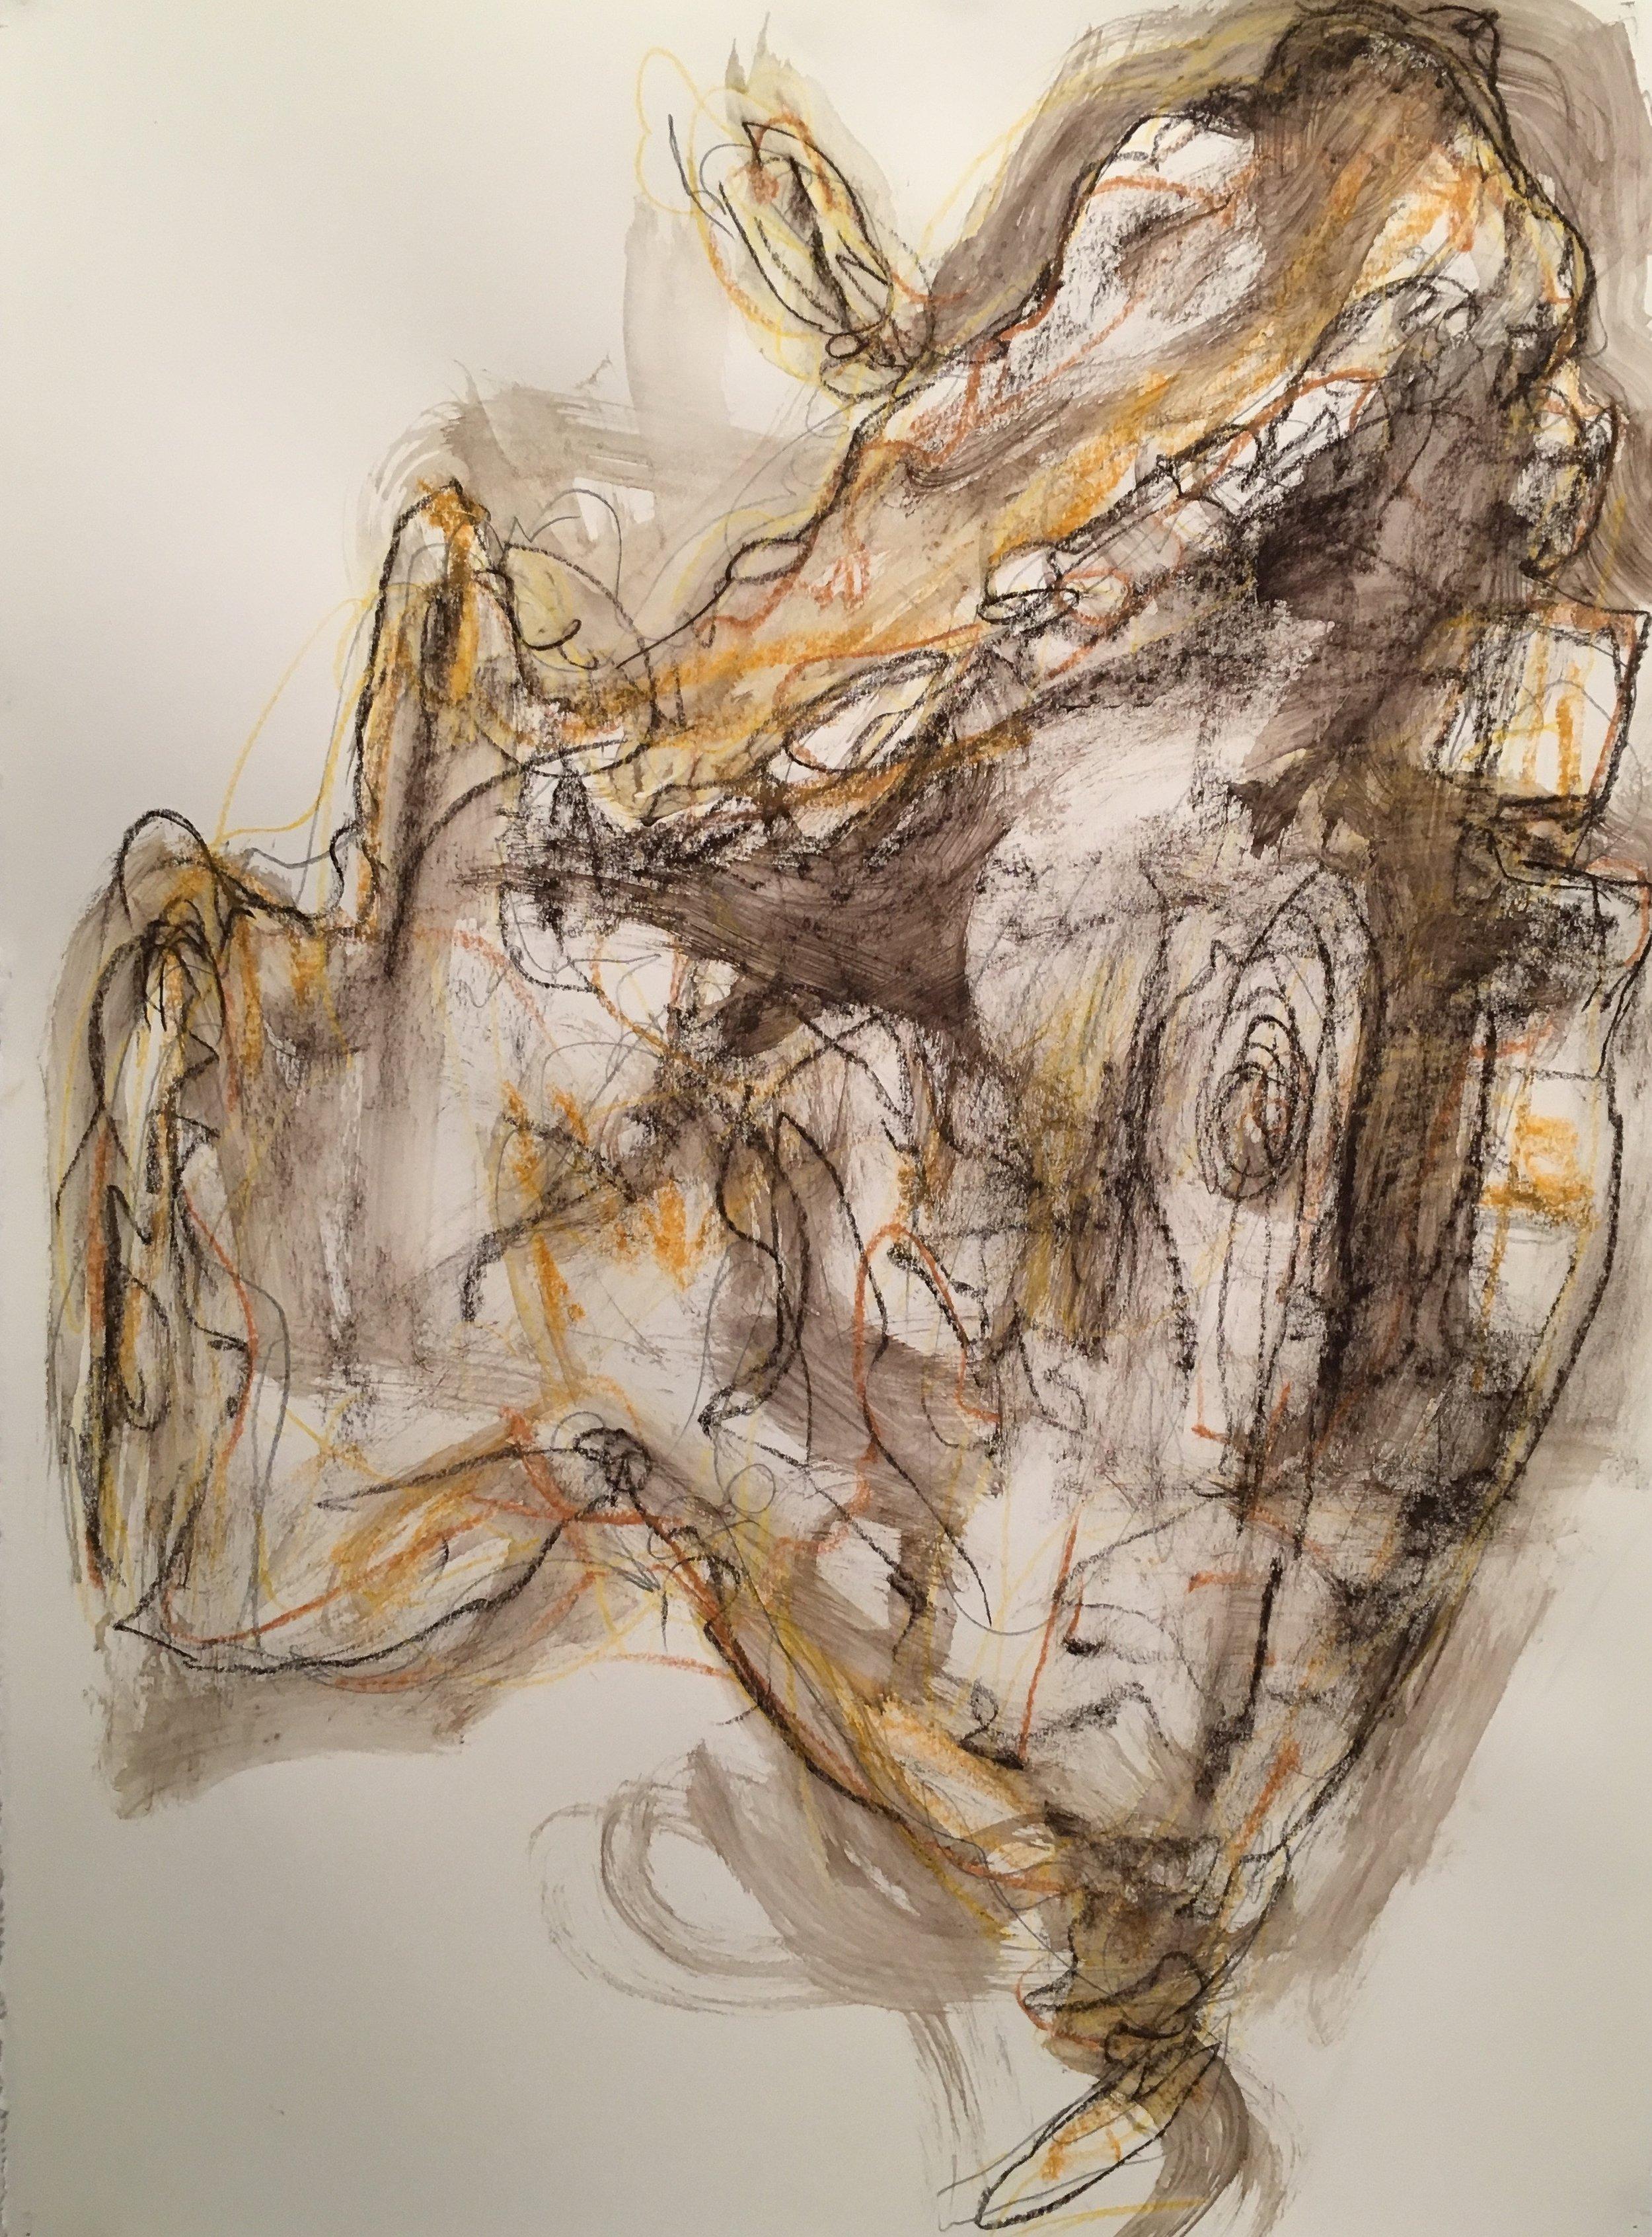 conte crayon drawing.jpg